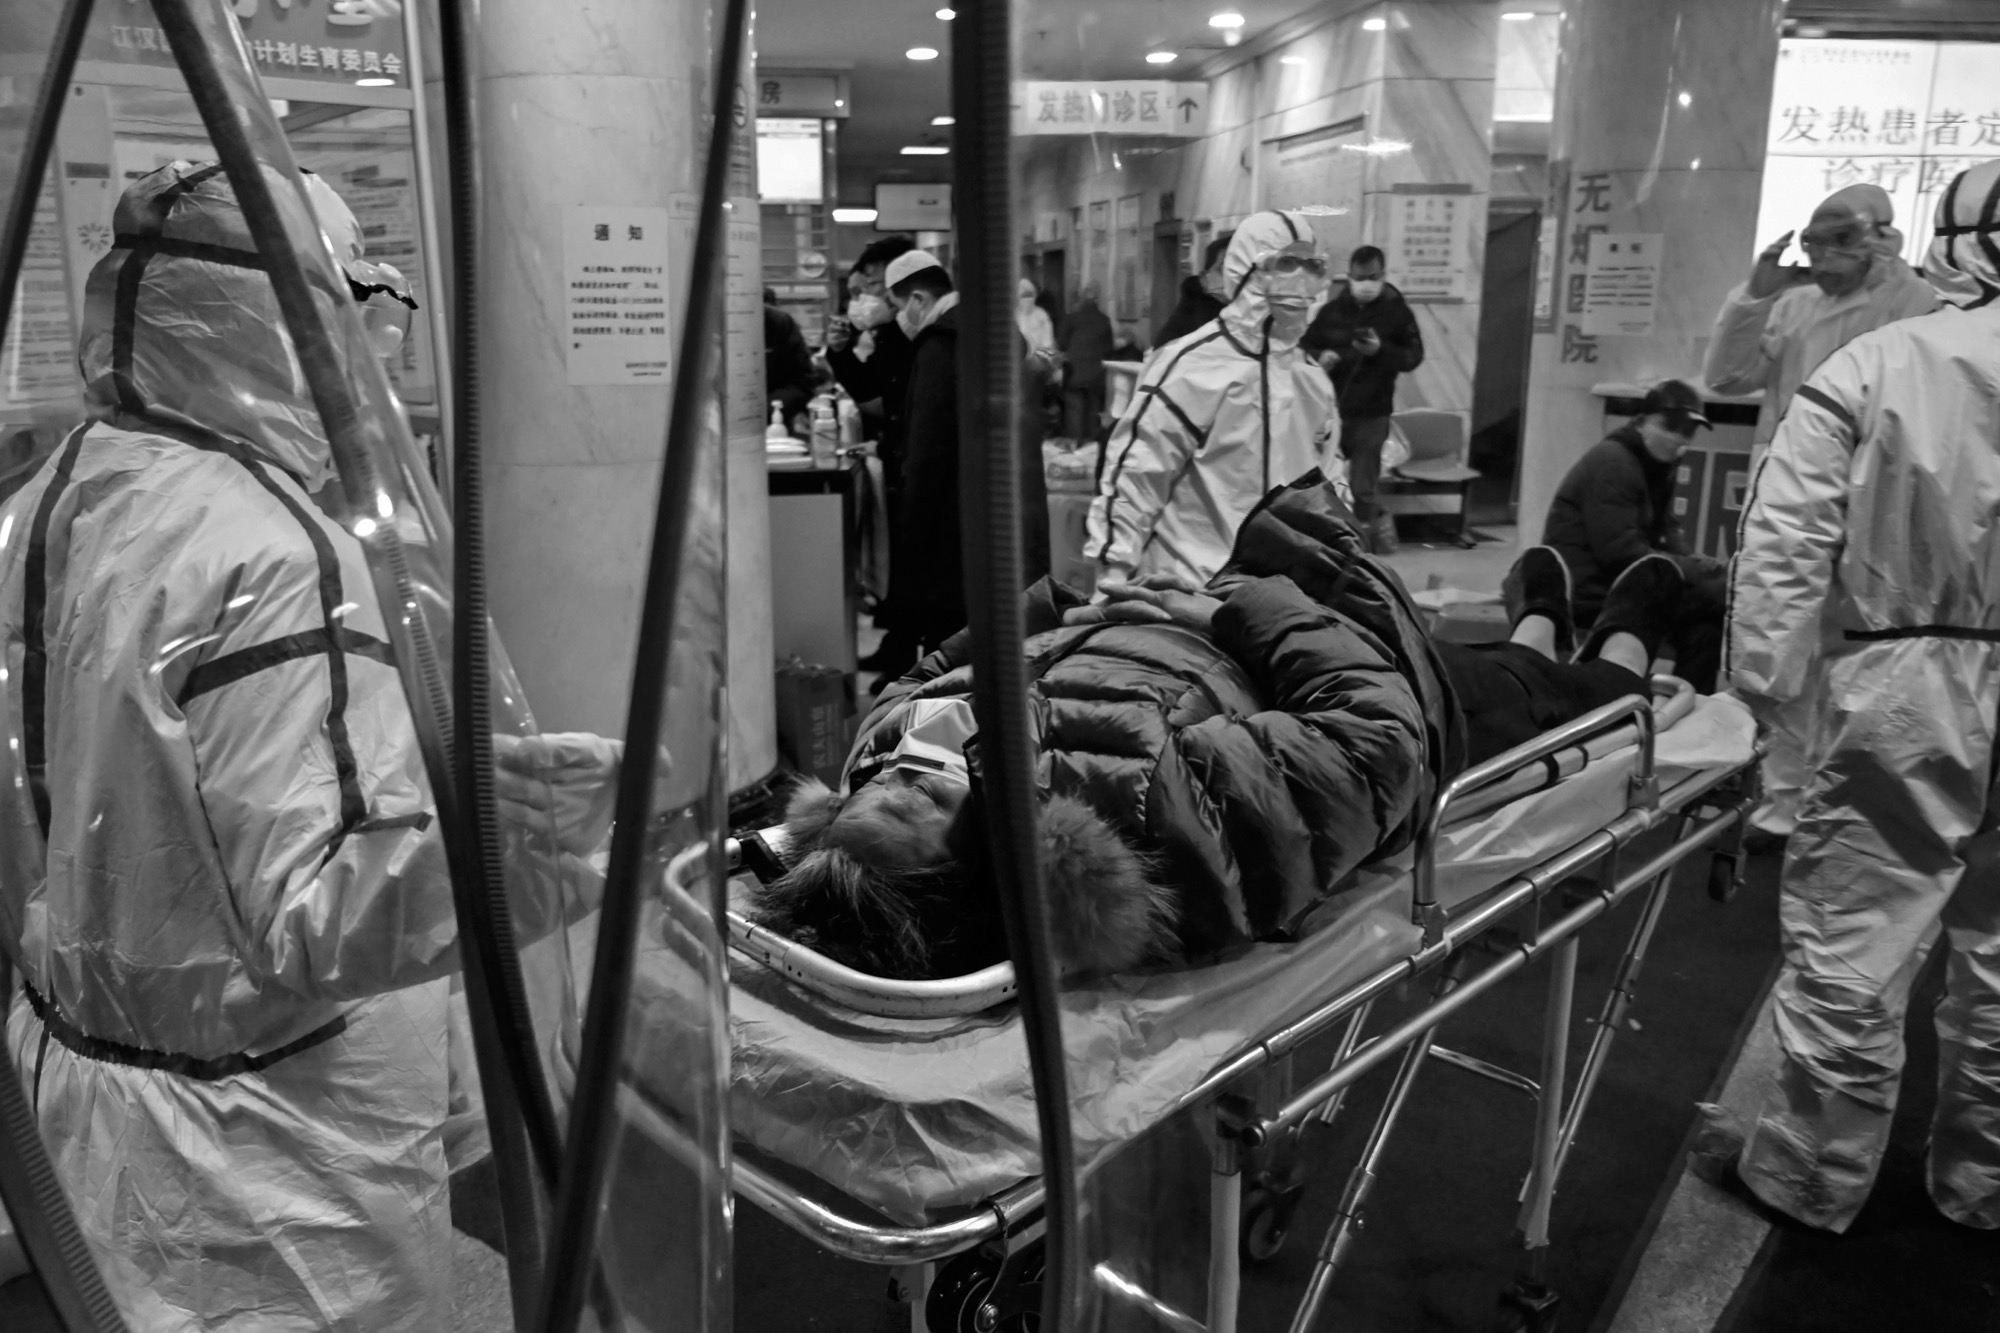 Vũ Hán - một năm nhìn lại: Khi người dân trở lại với cuộc sống bình thường, nhưng vẫn bị ám ảnh bởi những vết sẹo và nỗi đau đã qua - Ảnh 1.